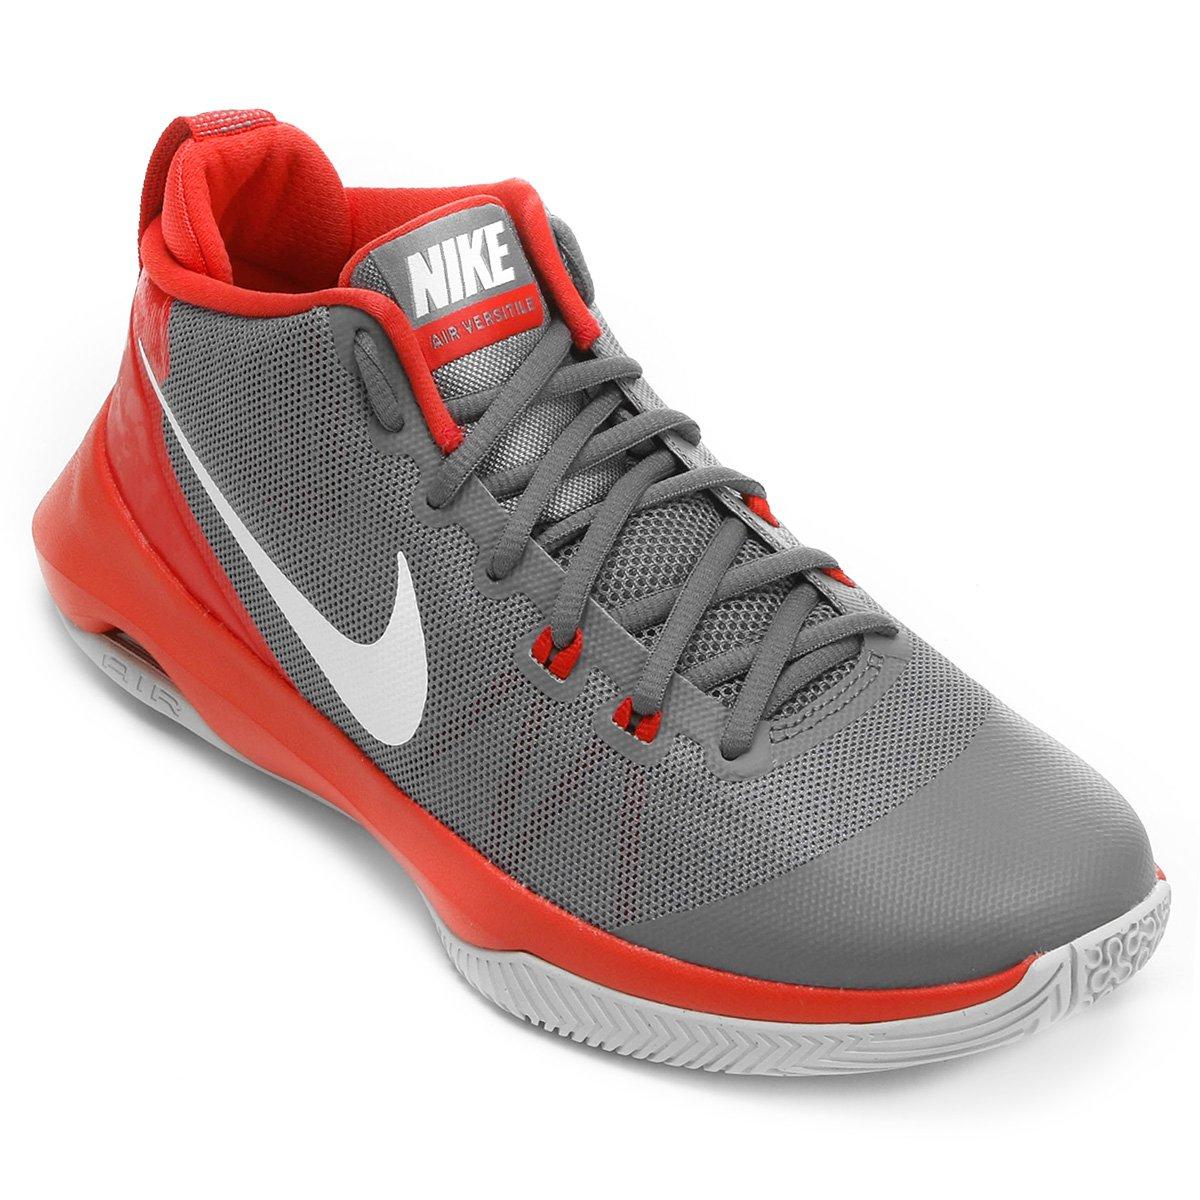 2c1df03c4d Tênis Nike Air Versitile Masculino - Cinza e Vermelho - Compre Agora ...